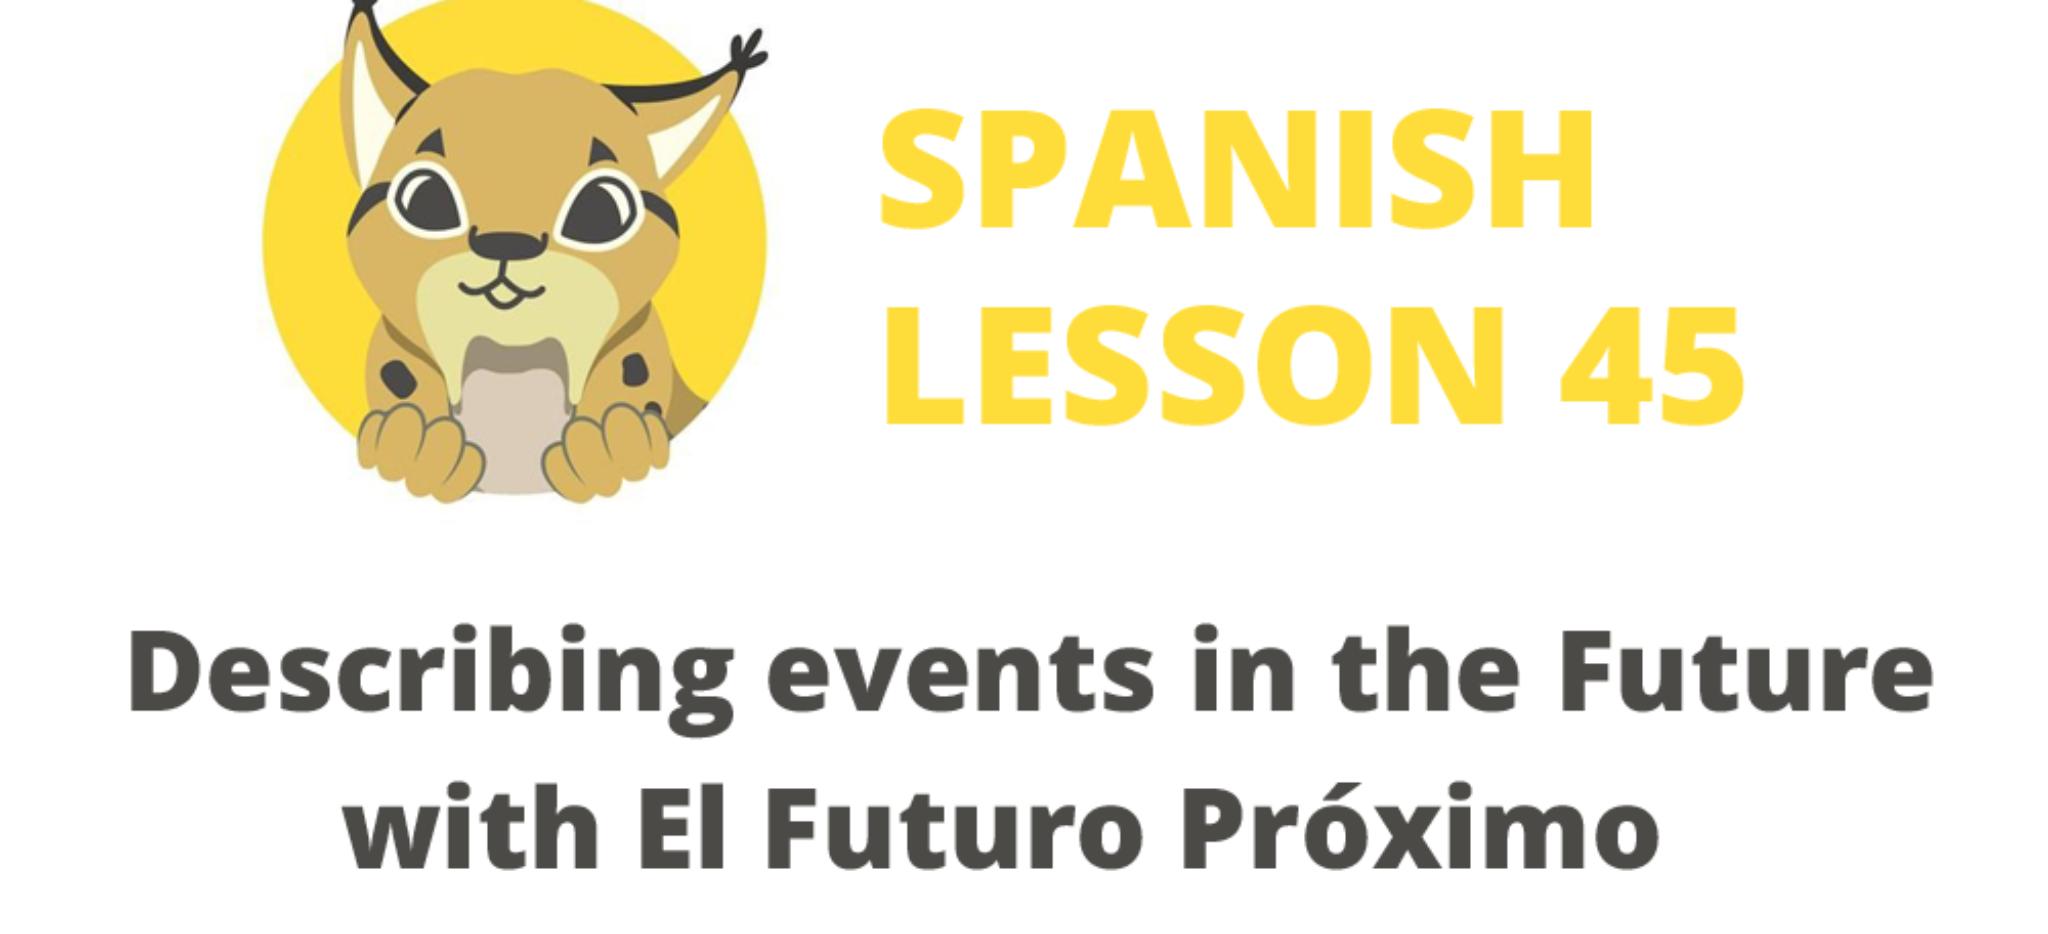 Describing events in the Future with El Futuro Próximo